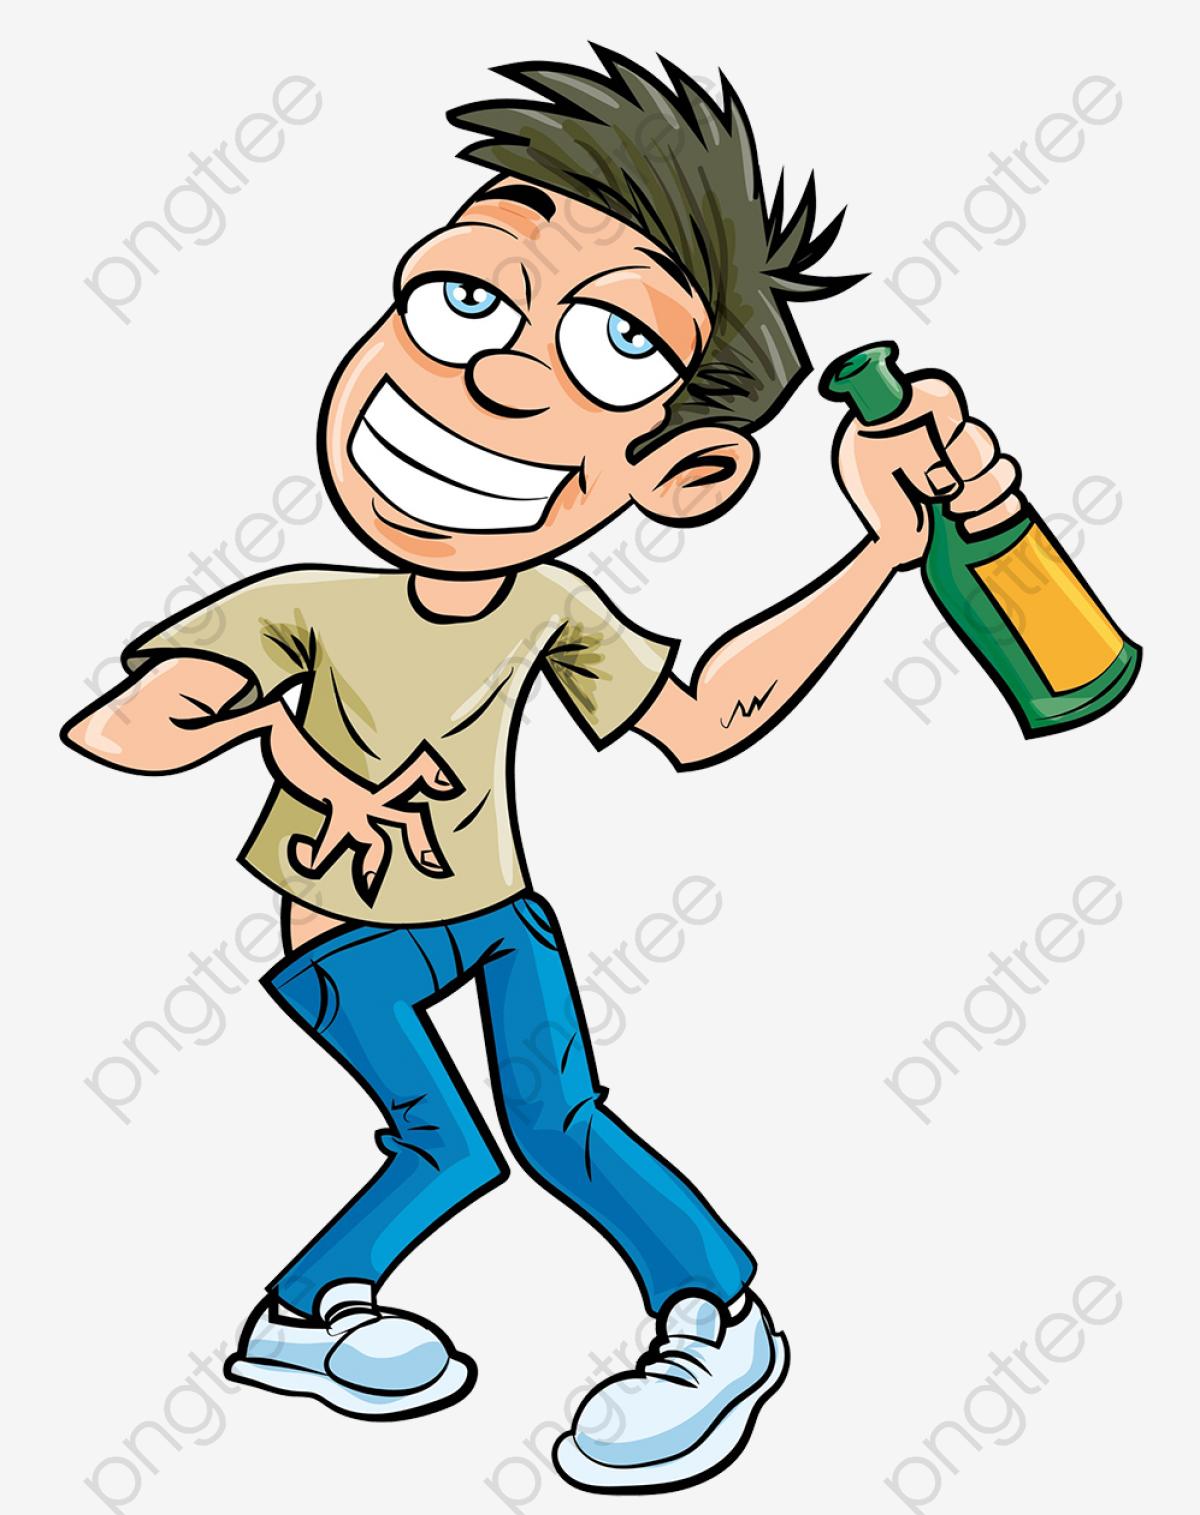 無料ダウンロードのためのキャラクターイラストは酒酒に酔った男